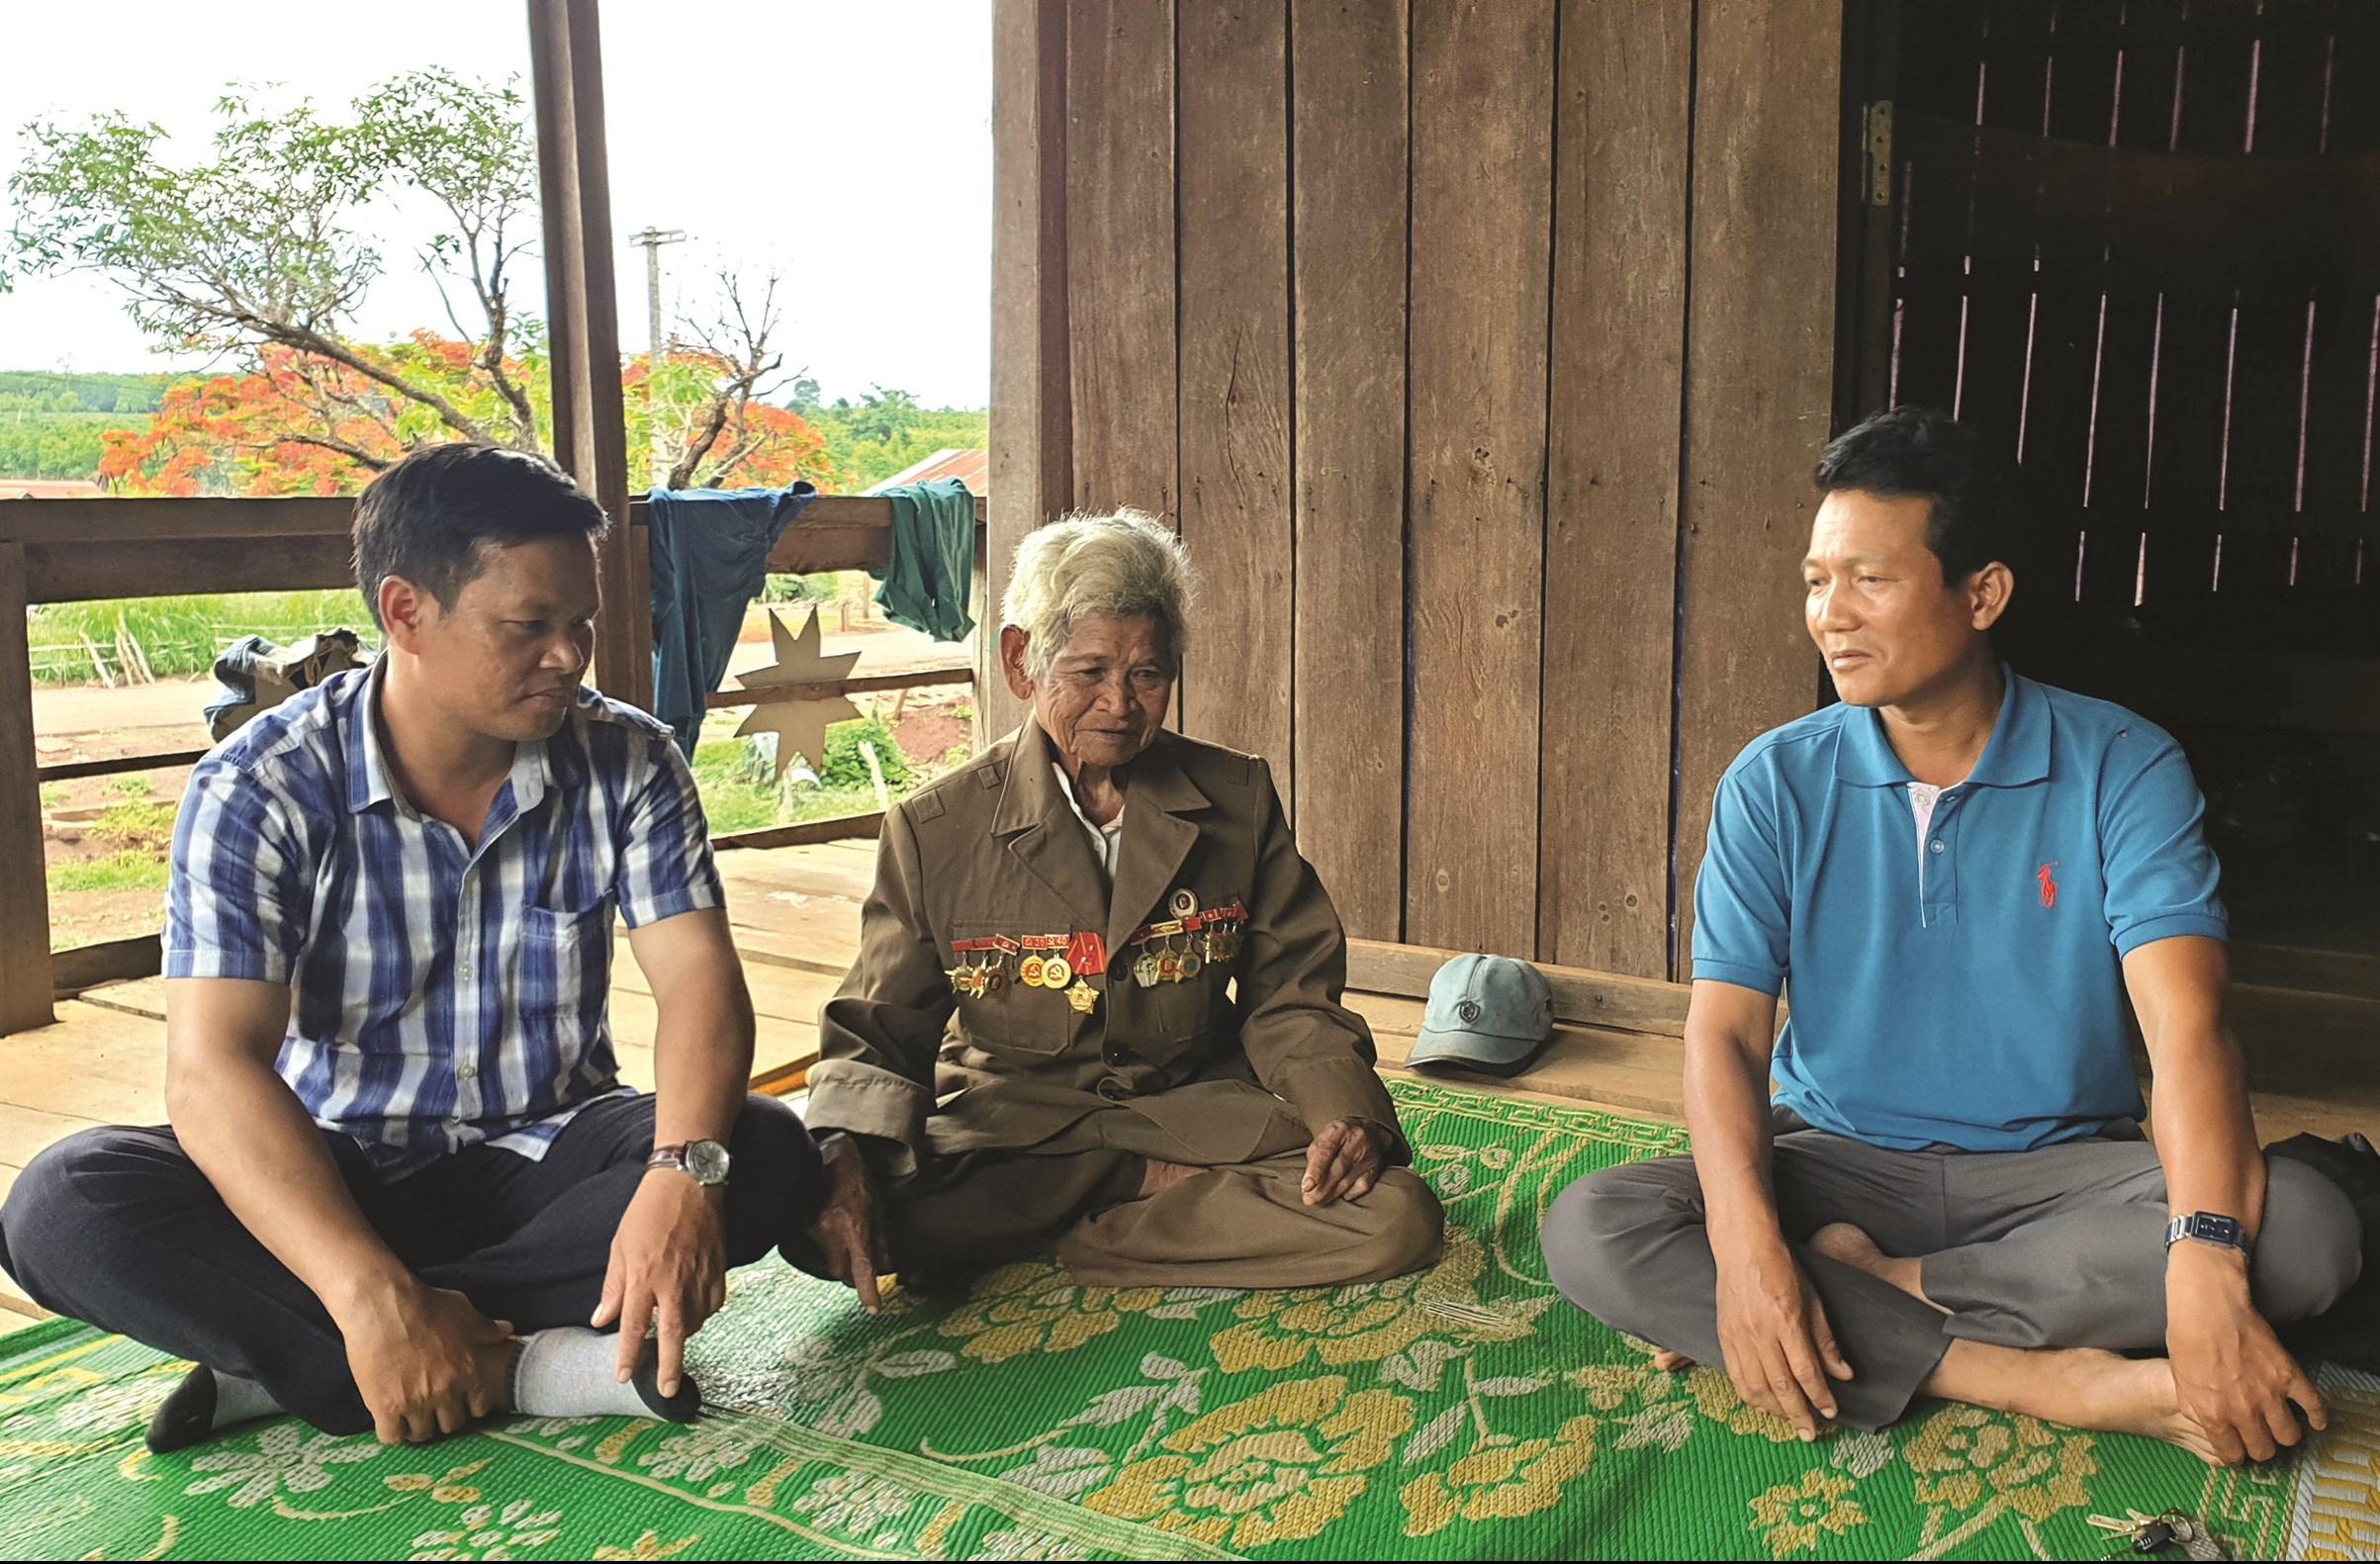 Già Đinh Yek (ngồi giữa) là điểm tựa vững chắc của làng Ktu và là người có nhiều đóng góp cho sự thay đổi của vùng căn cứ cách mạng xã Kon Chiêng